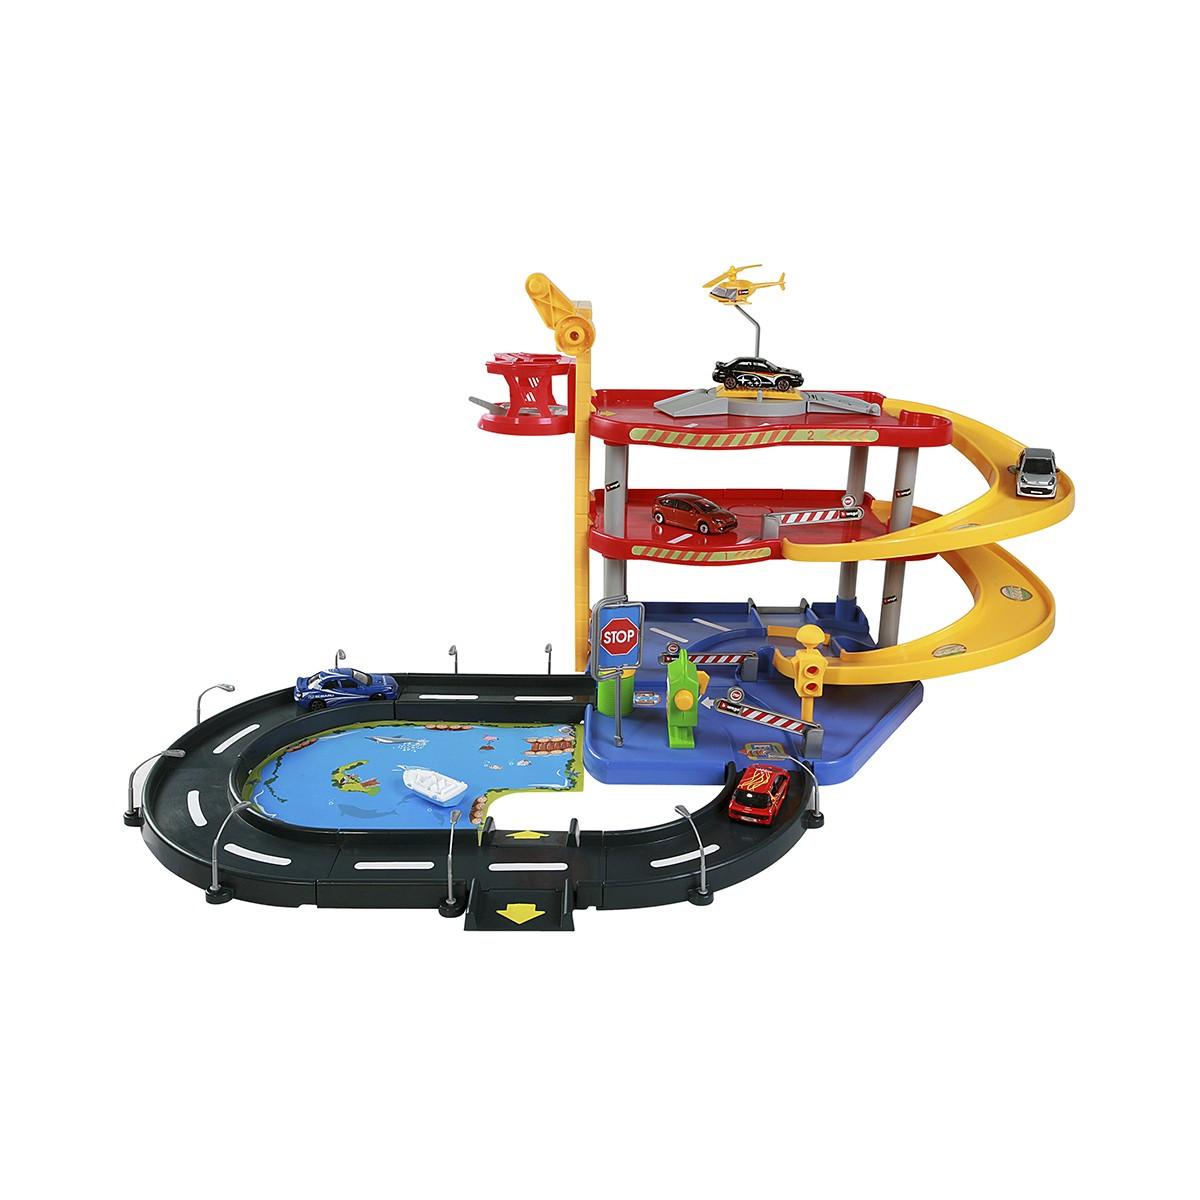 Игровой набор Гараж ( 3 уровня, 2 машинки , 1:43 ) Bburago Street Fire Parking Playset 18-30025